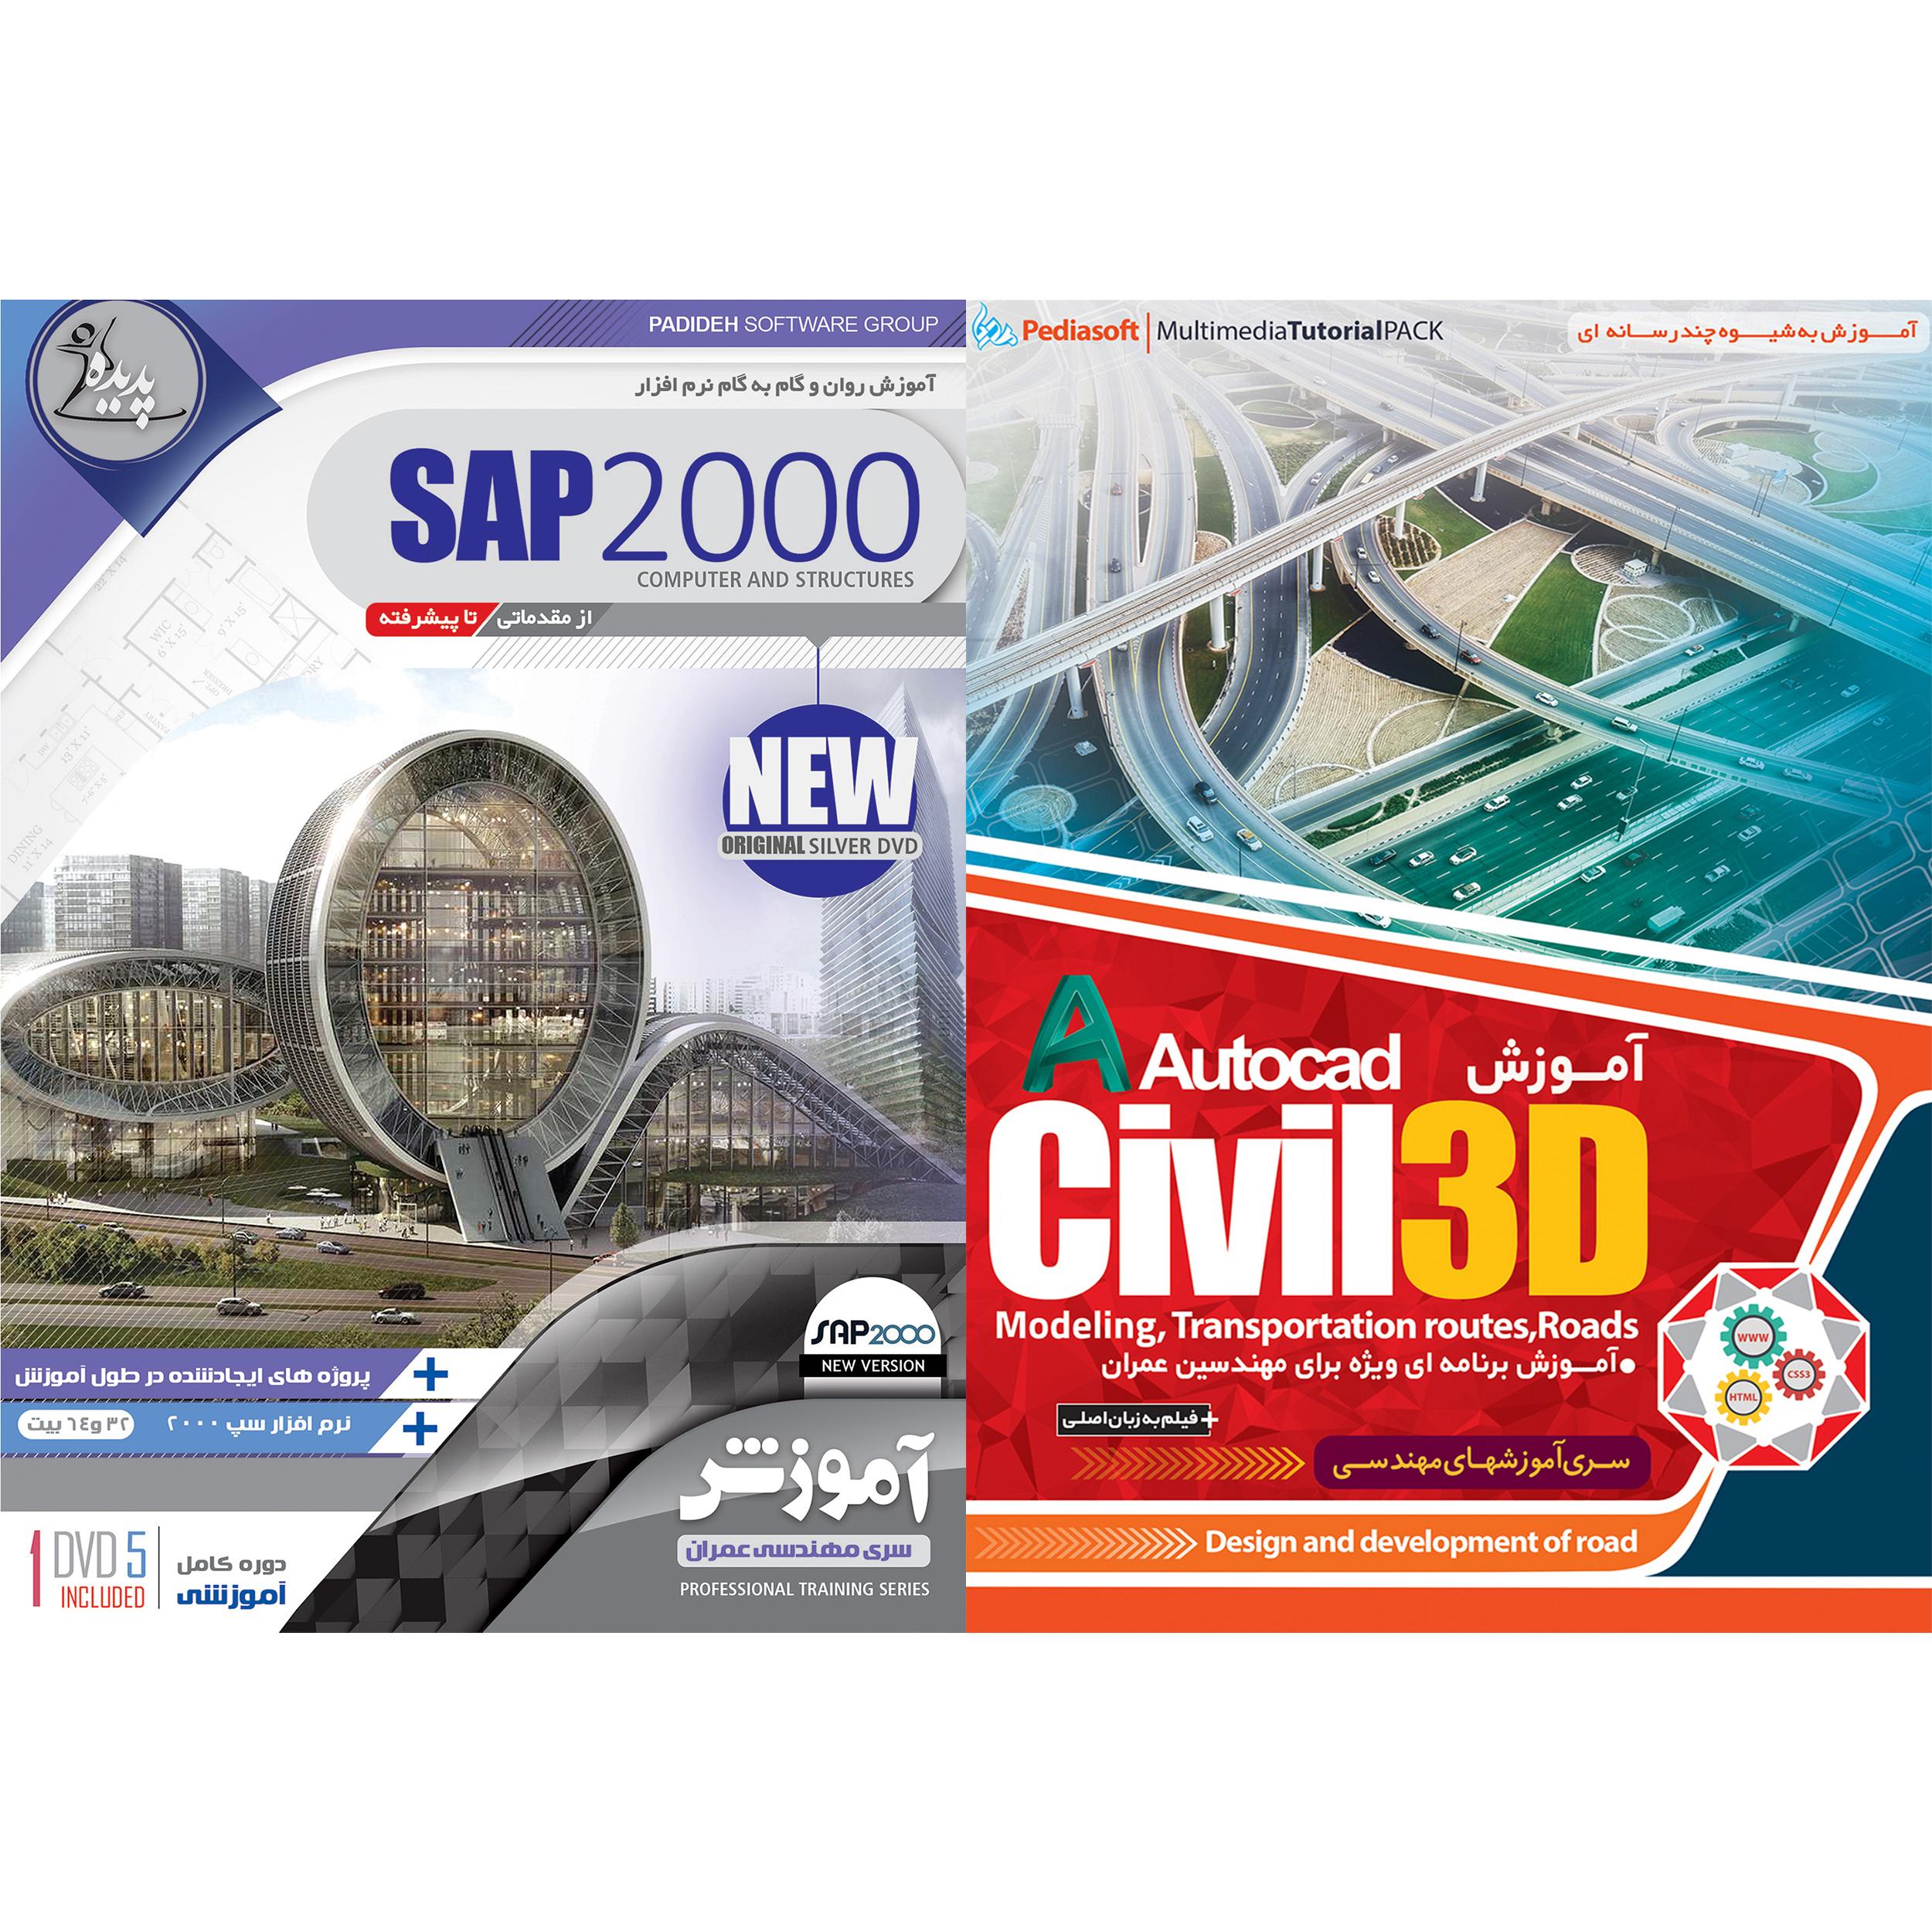 نرم افزار آموزش CIVIL 3D نشر پدیا سافت به همراه نرم افزار آموزش SAP 2000 نشر پدیده